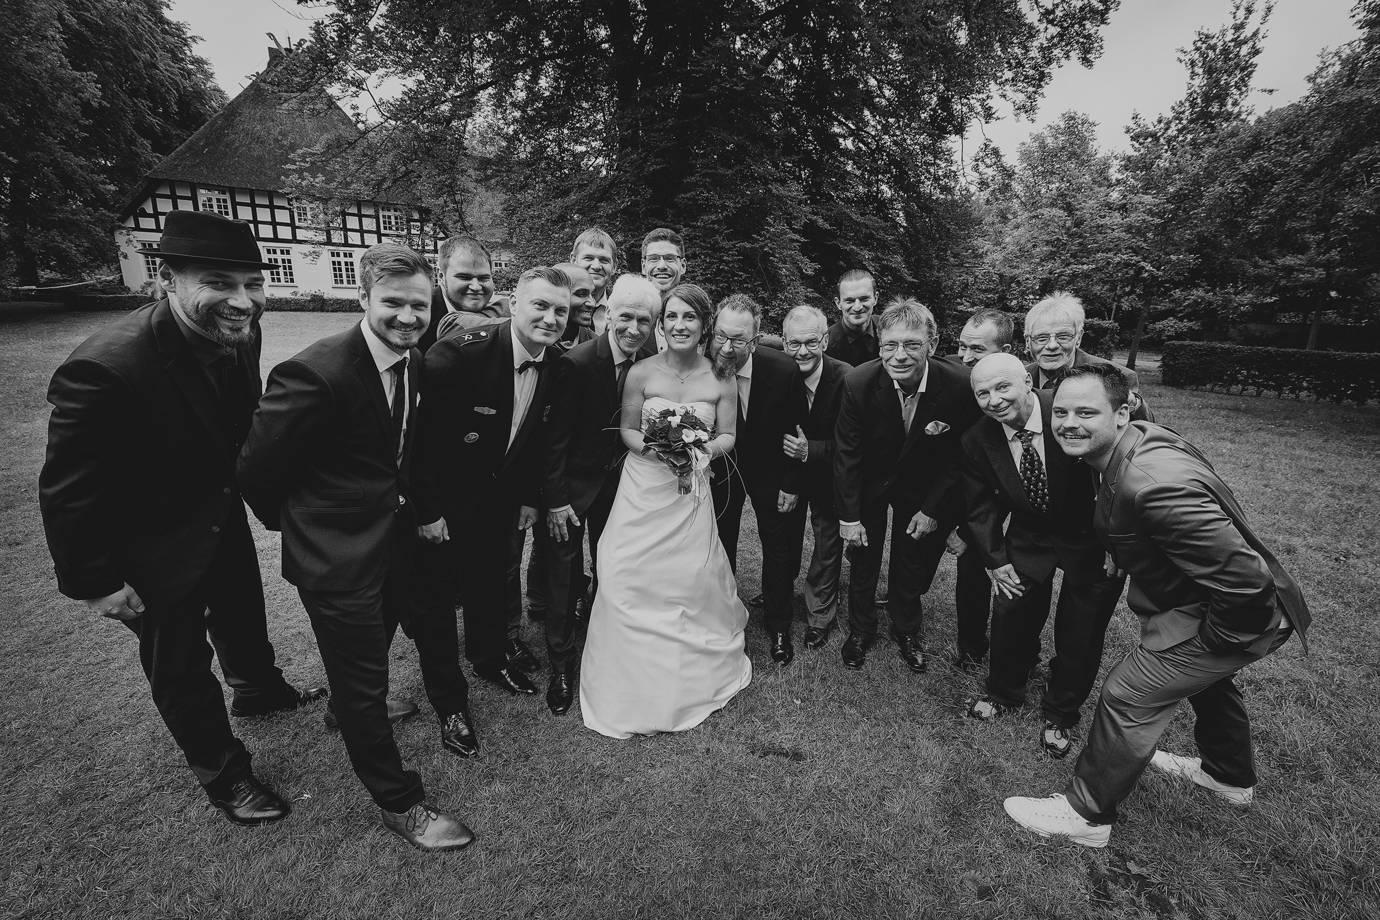 hochzeitsfotograf bremen 115 - Yvonne+Markus